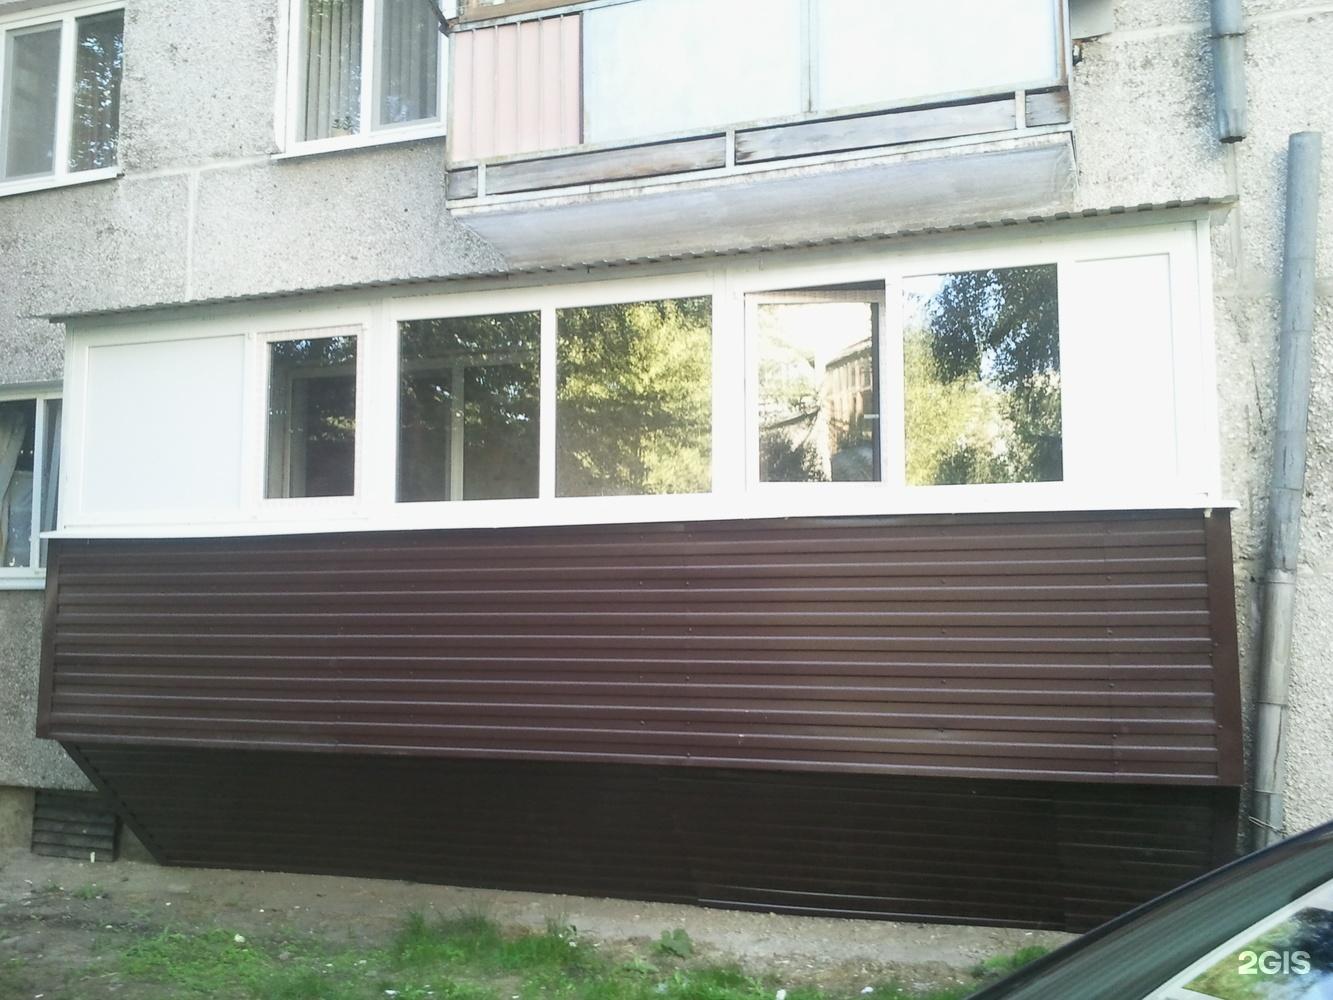 Остекление балкона 6м п-образн 2ст 3раб.створки 121-3т 7тс о.